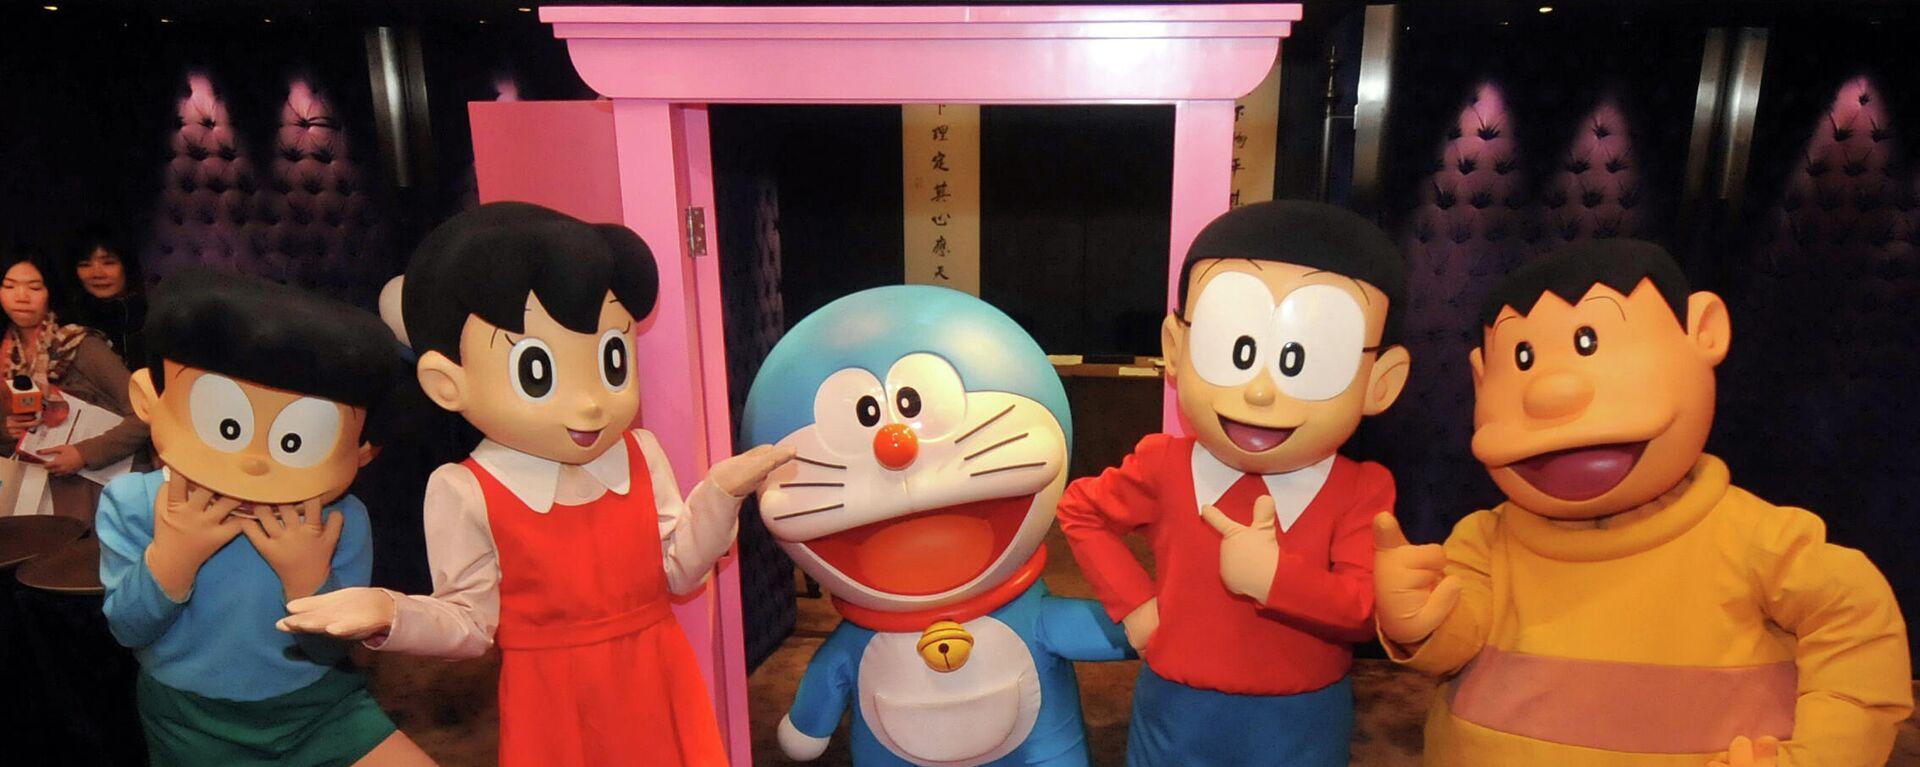 Unos personajes del dibujo animado Doraemon - Sputnik Mundo, 1920, 14.07.2021